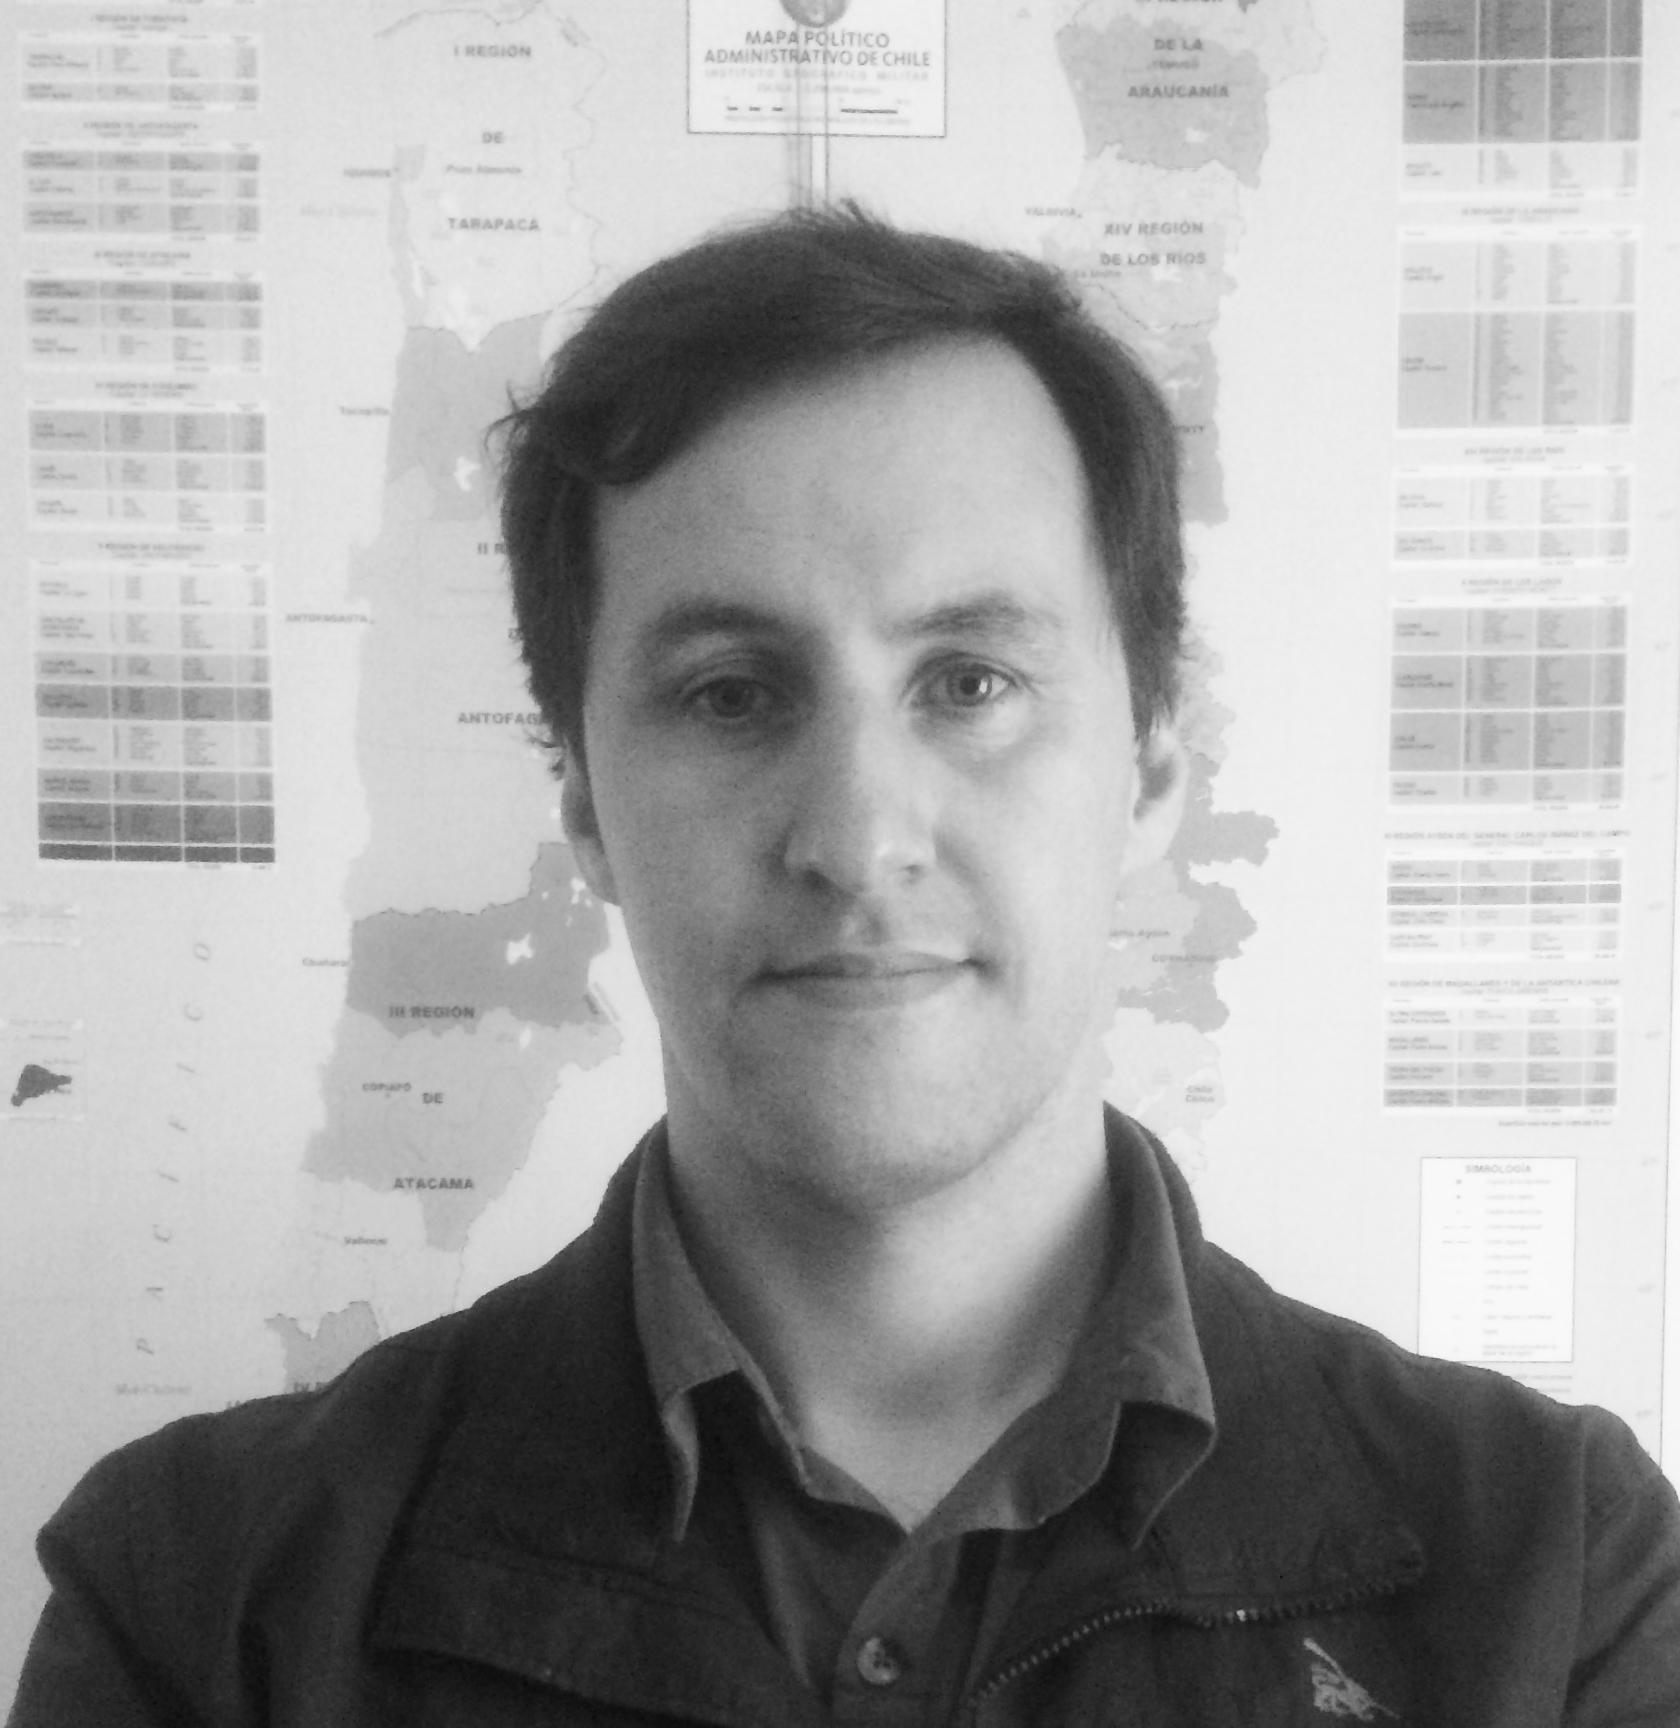 Sergio ahumada b52cd1a7 68bd 40e7 9987 01f004e3f5f8